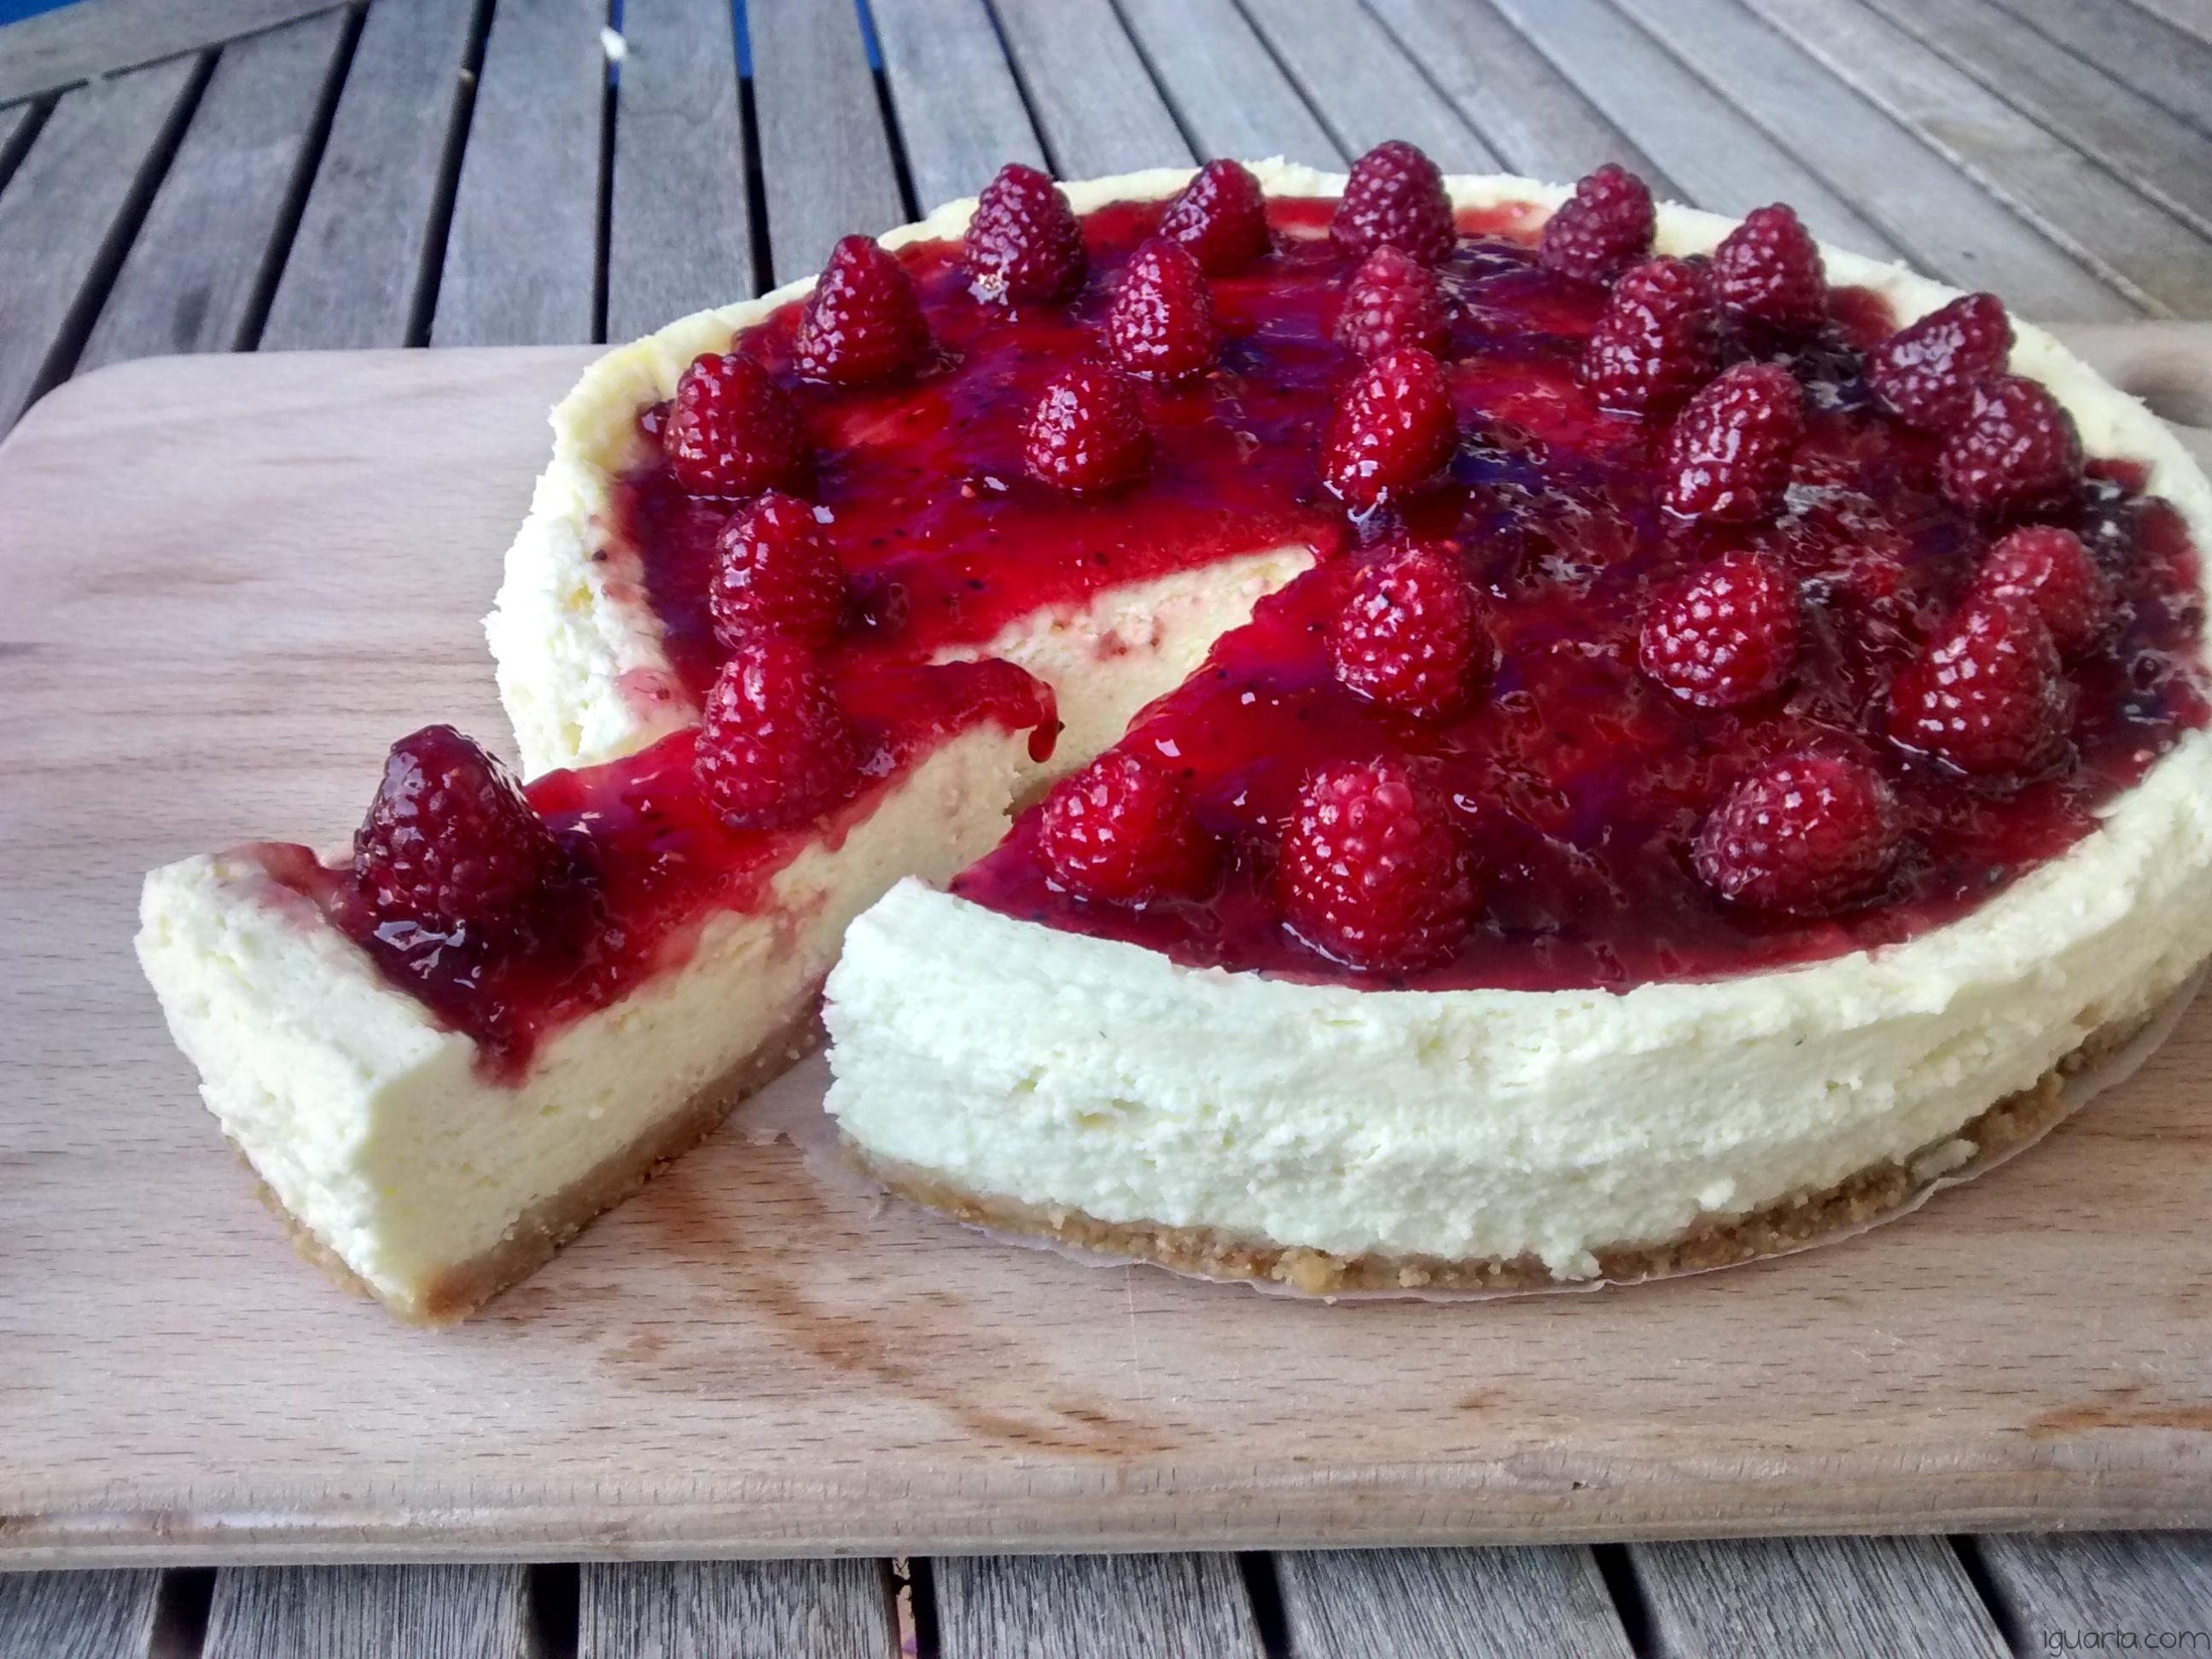 Iguaria_Cheesecake-de-Frutos-Vermelhos